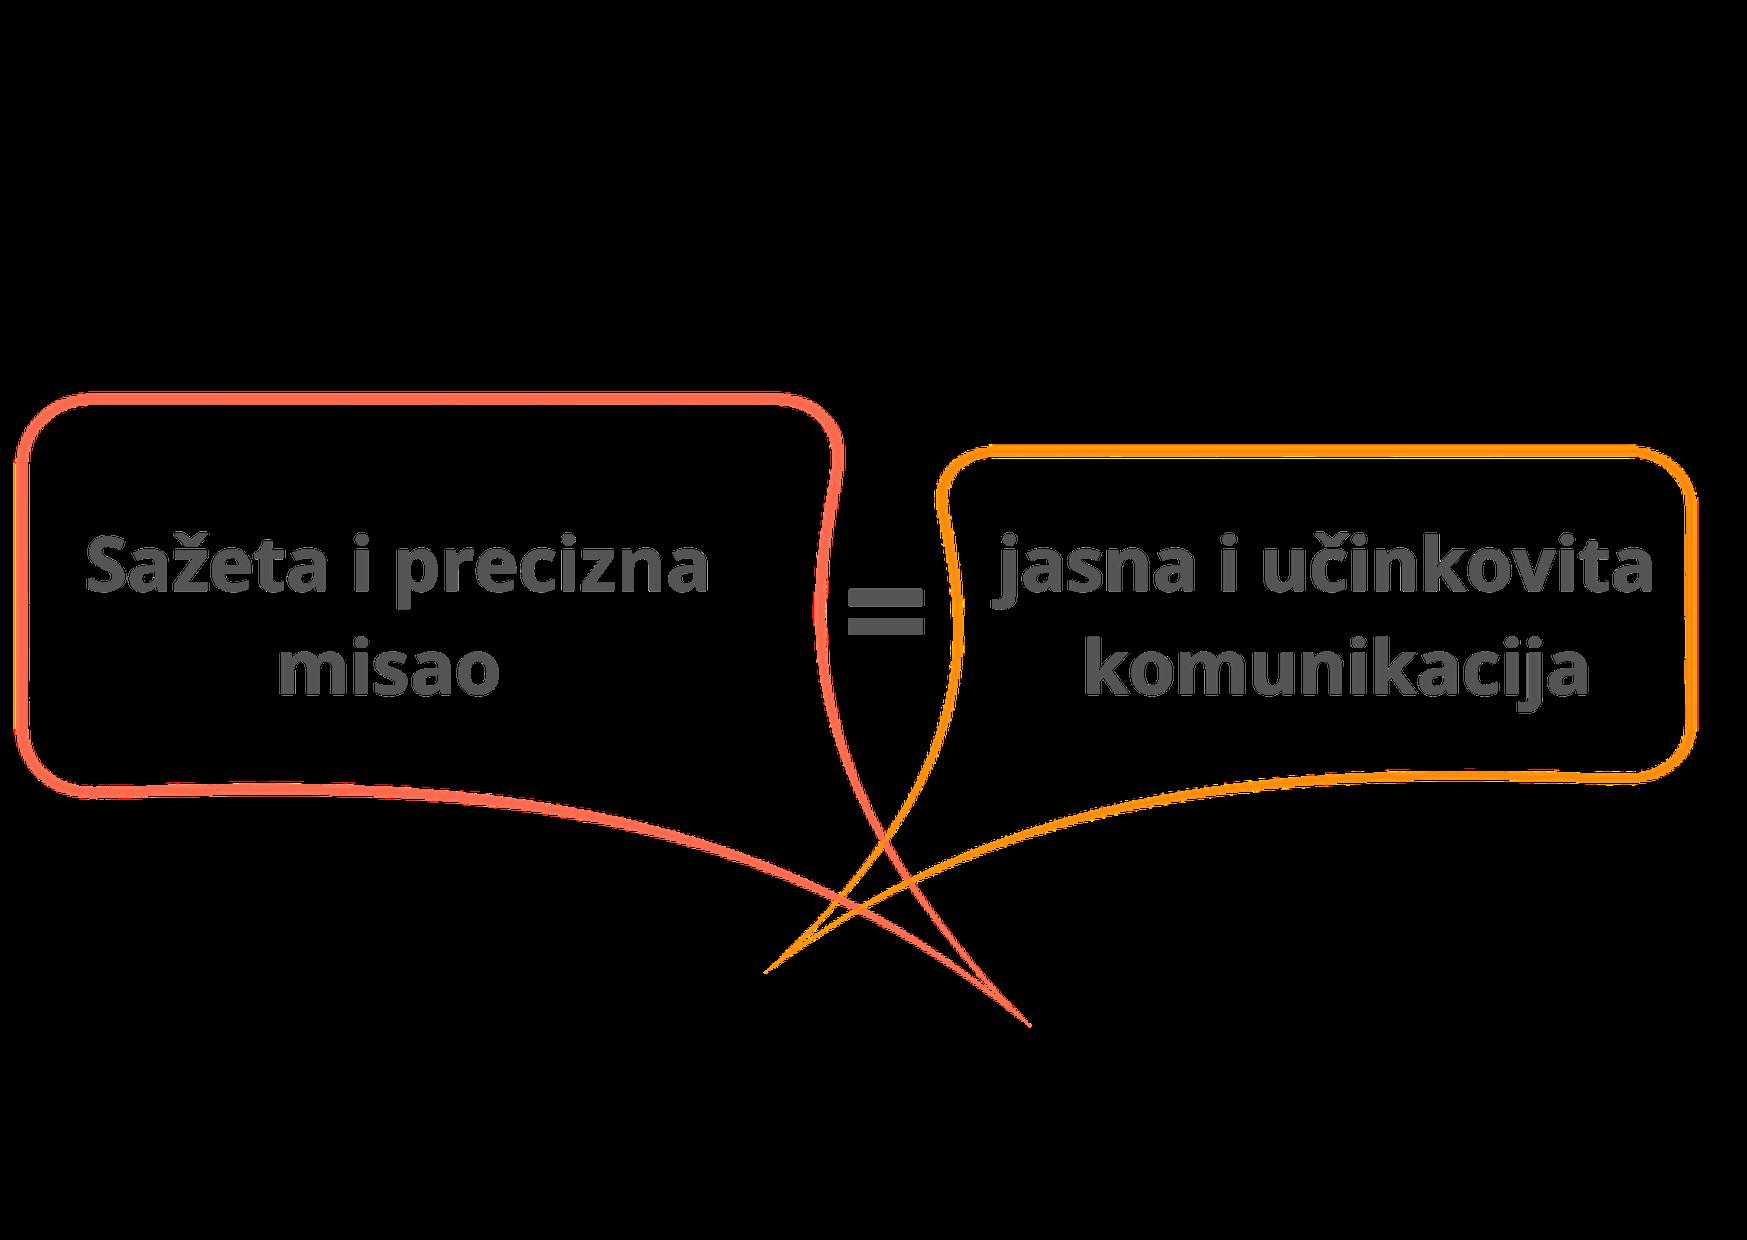 Sažeta i precizna misao = jasna i učinkovita komunikacija